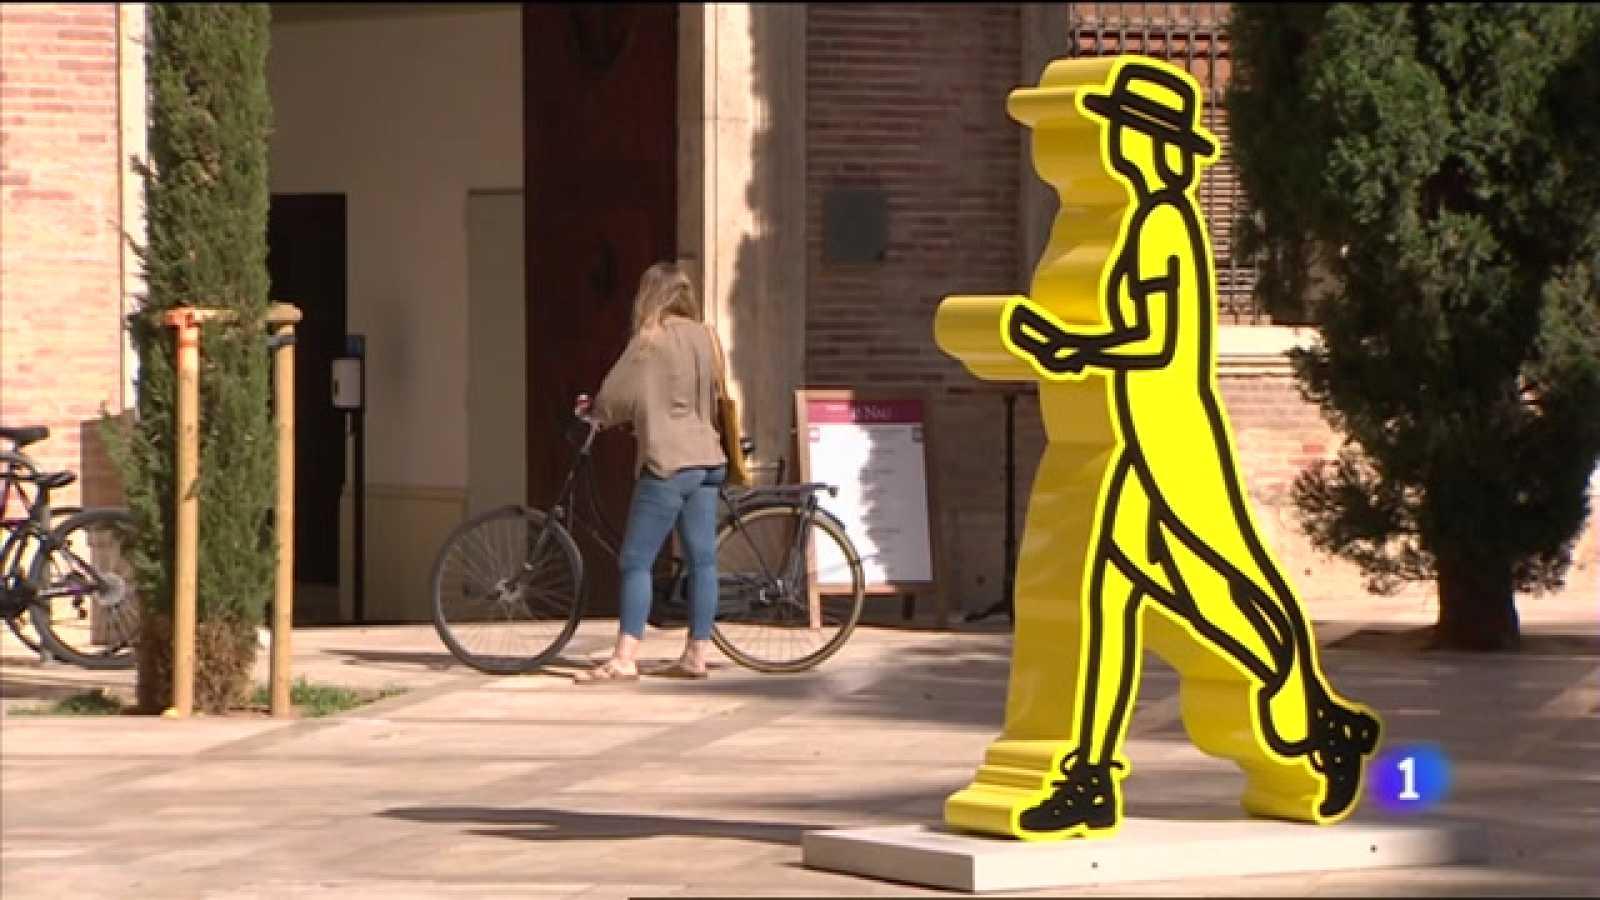 L'Informatiu Comunitat Valenciana 1 - 31/05/21 ver ahora